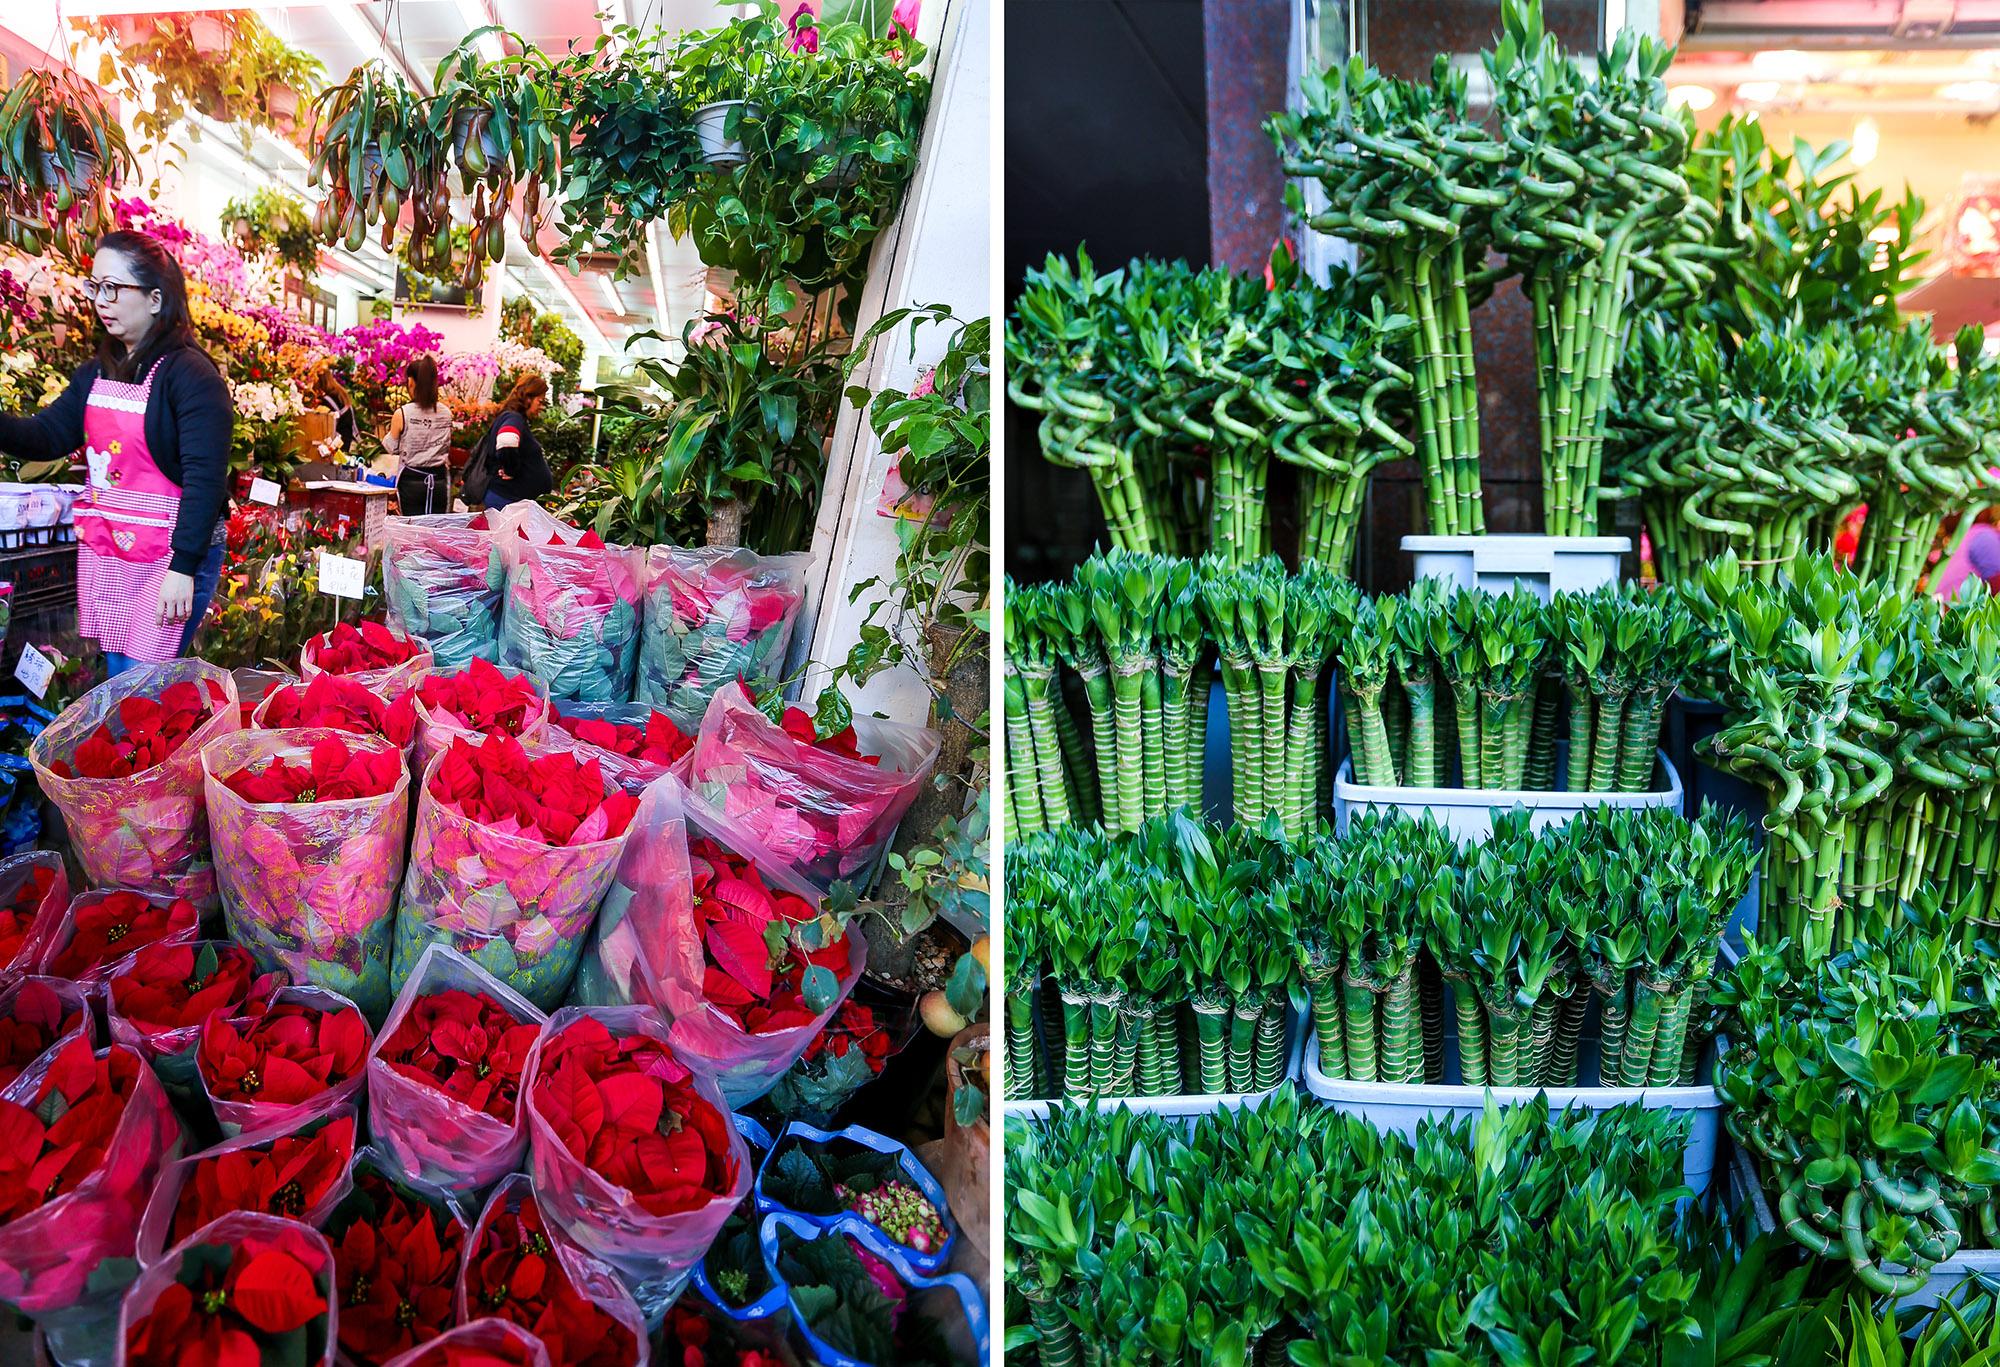 Букет, оптовая продажа цветов в оаэ